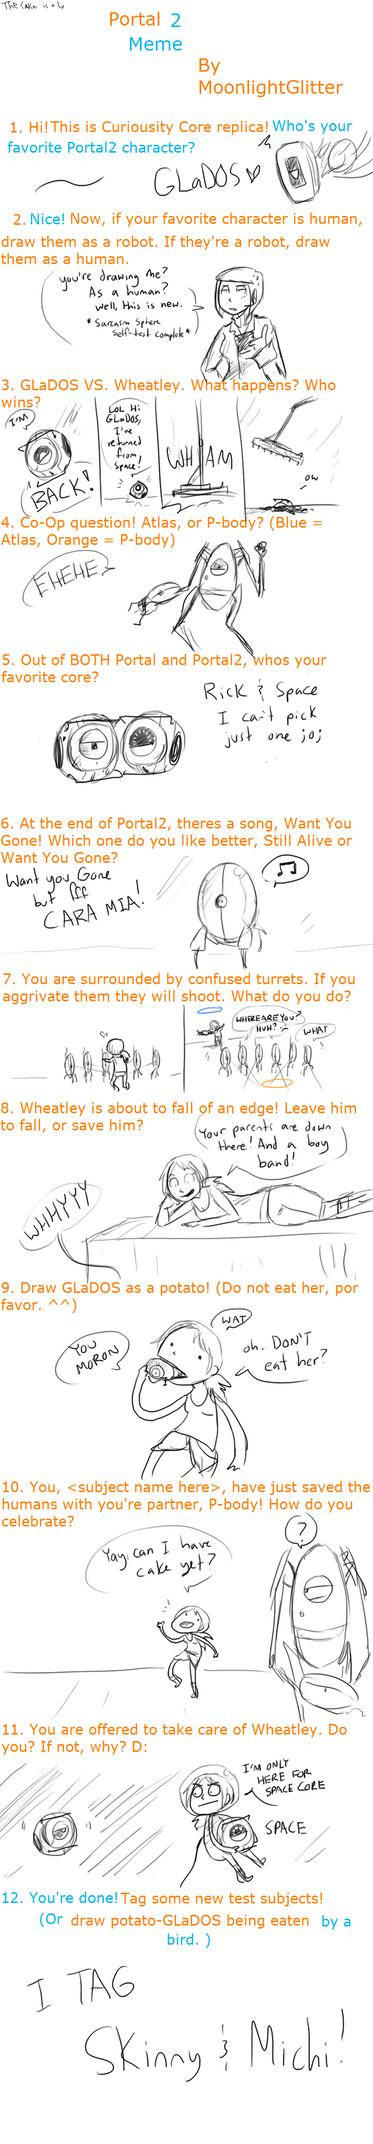 Portal 2 meme by Super-Cute